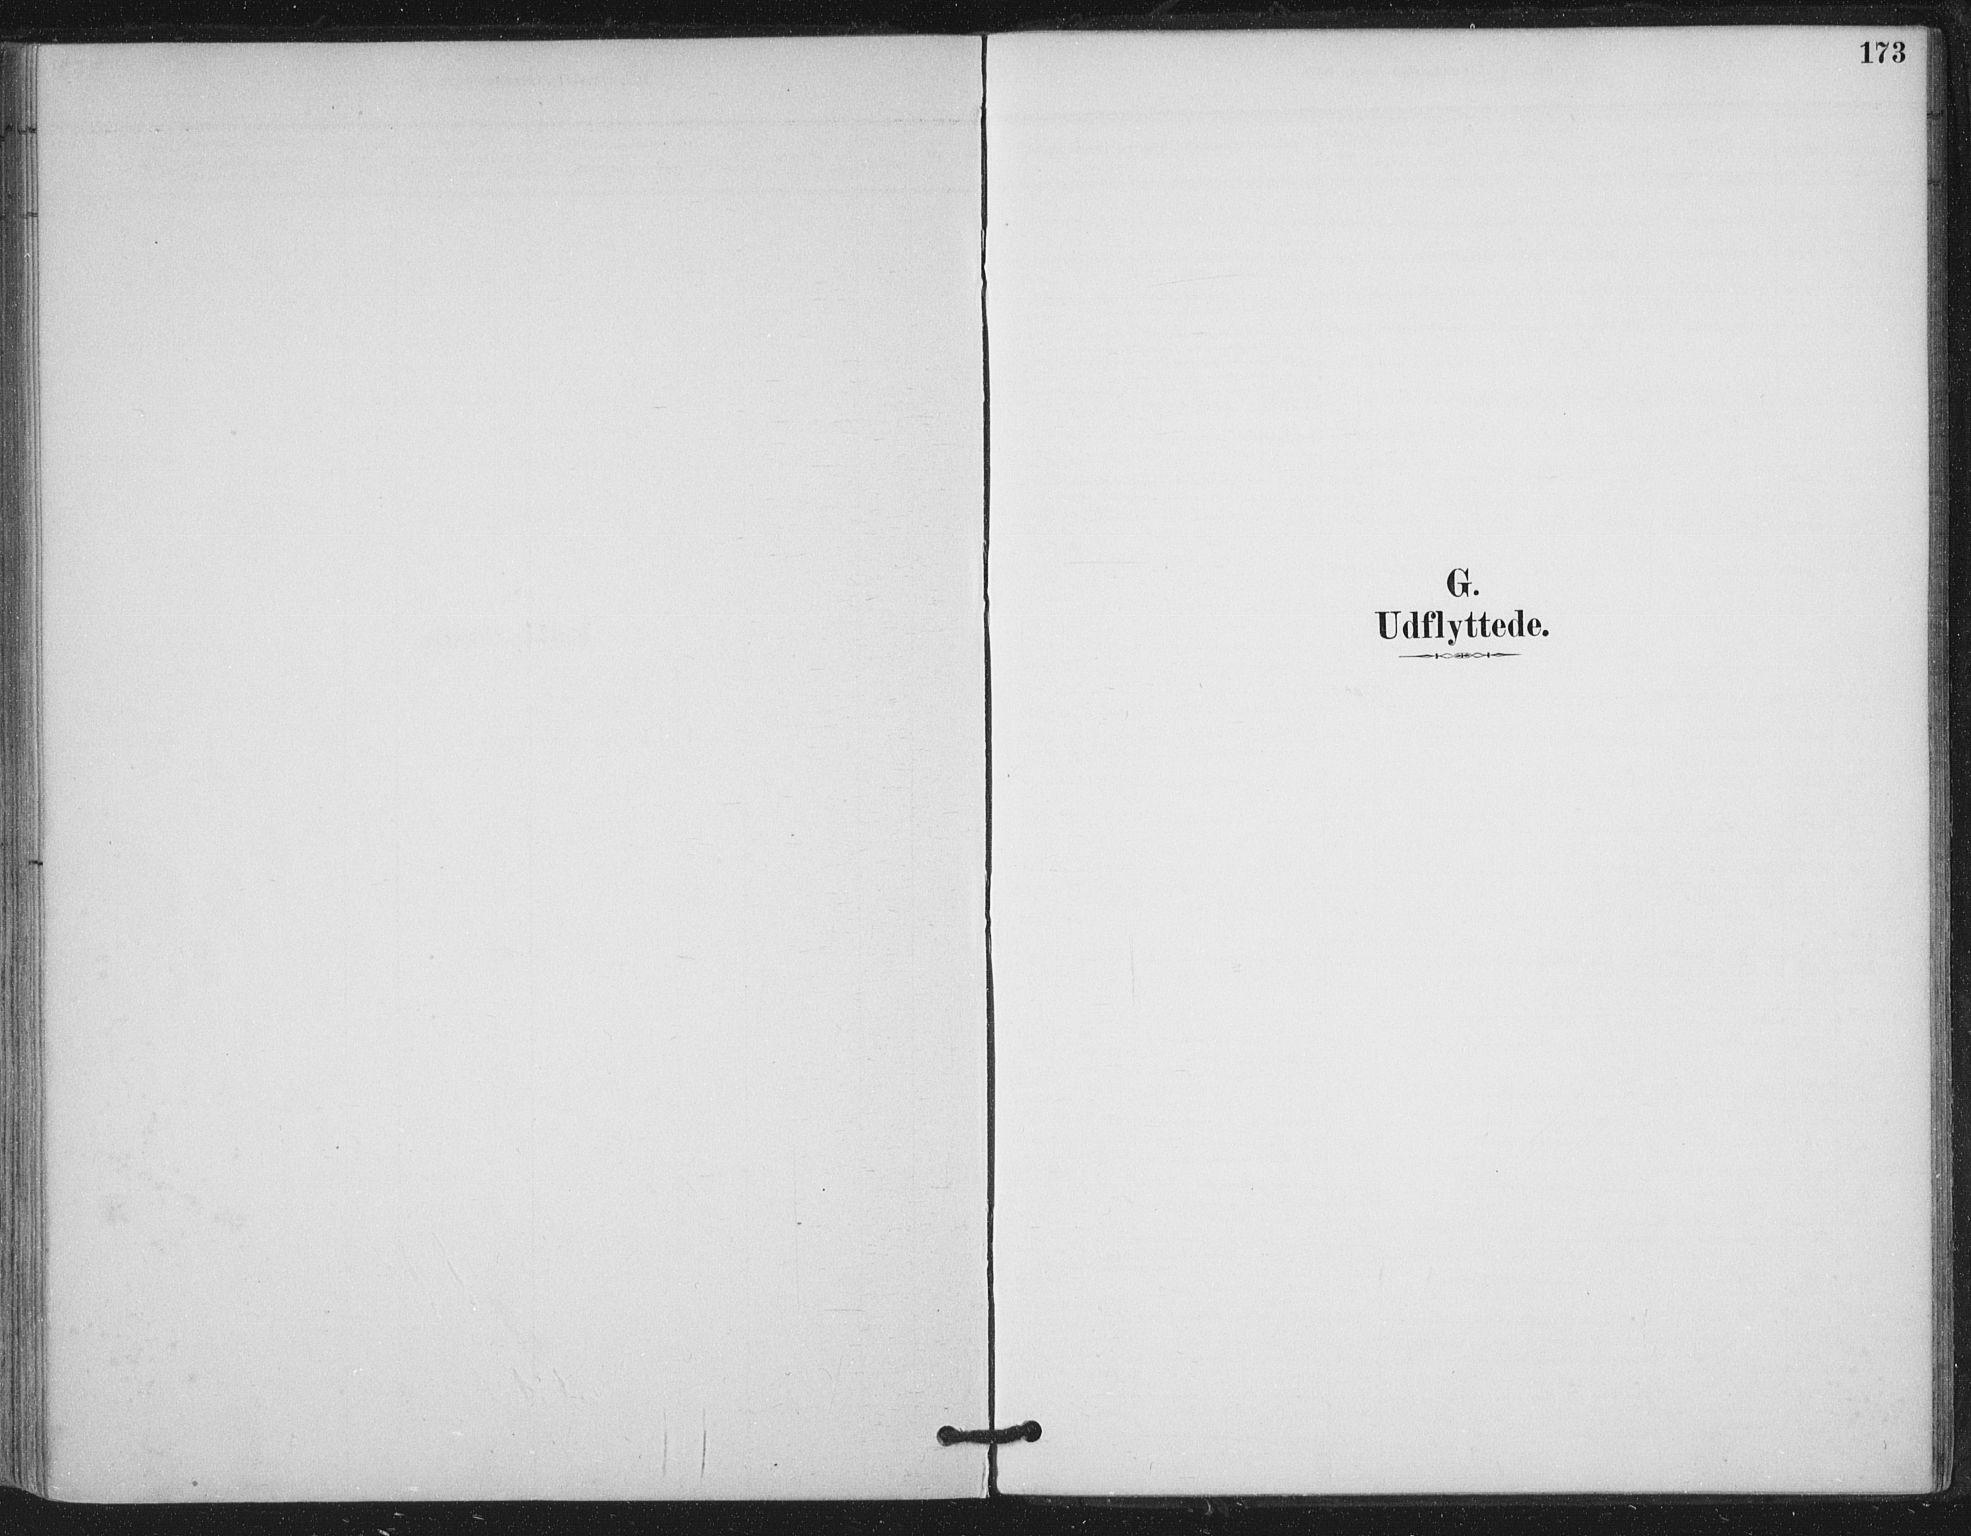 SAT, Ministerialprotokoller, klokkerbøker og fødselsregistre - Nord-Trøndelag, 780/L0644: Ministerialbok nr. 780A08, 1886-1903, s. 173